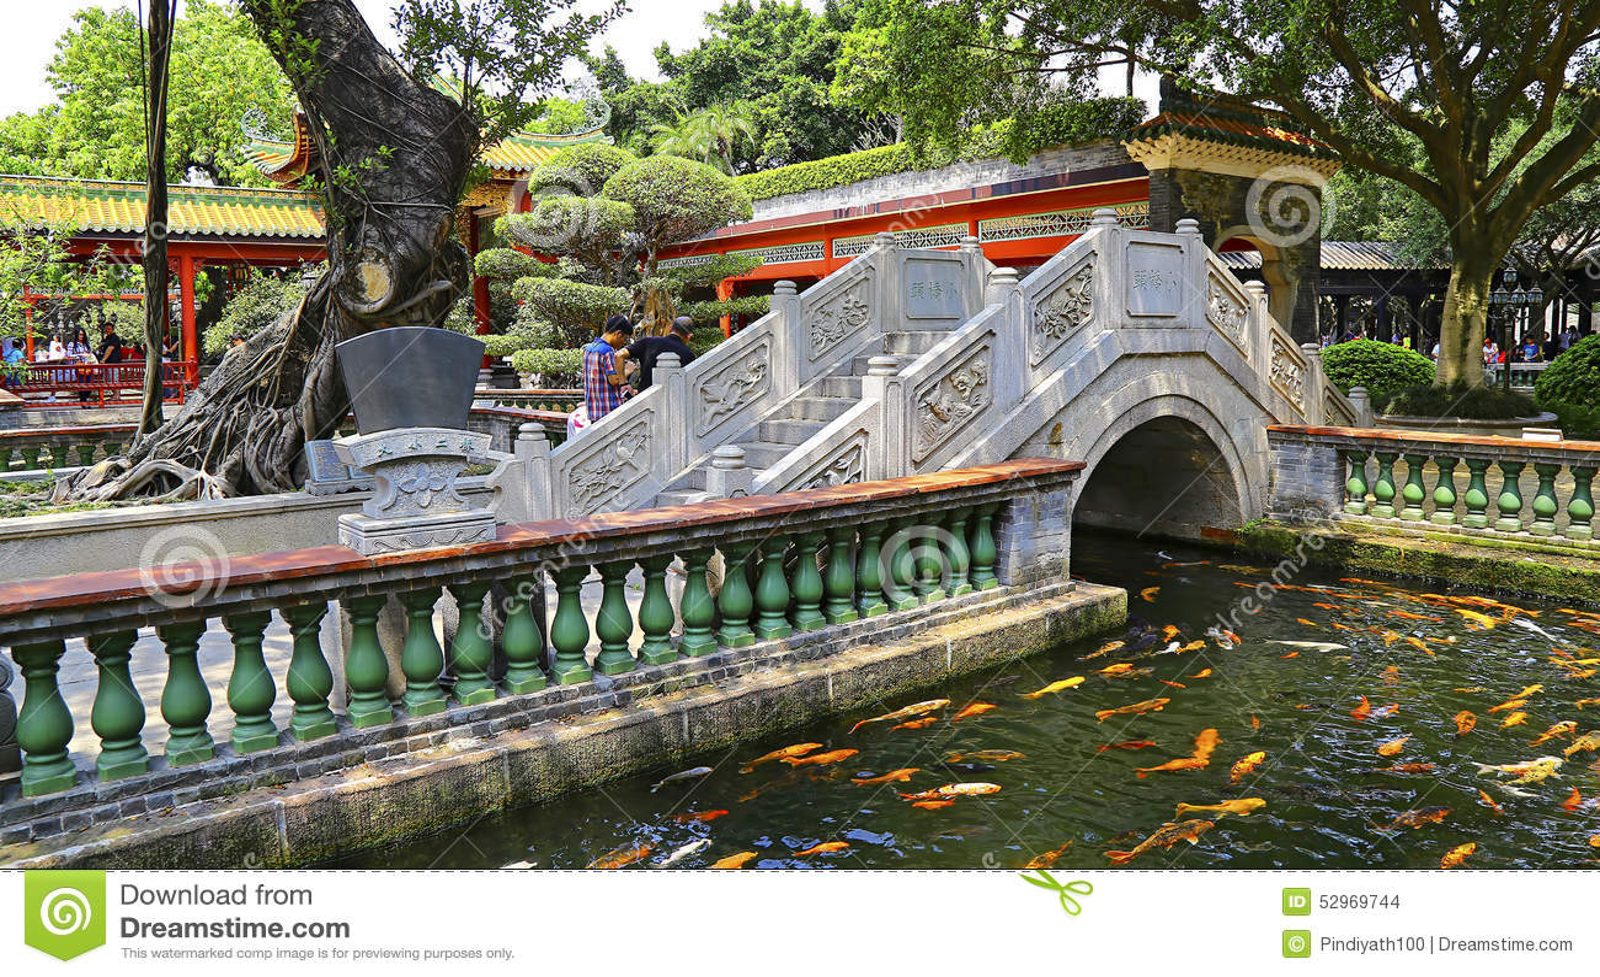 Koi fish pond at baomo garden china editorial stock for Accesorios para estanques de peces